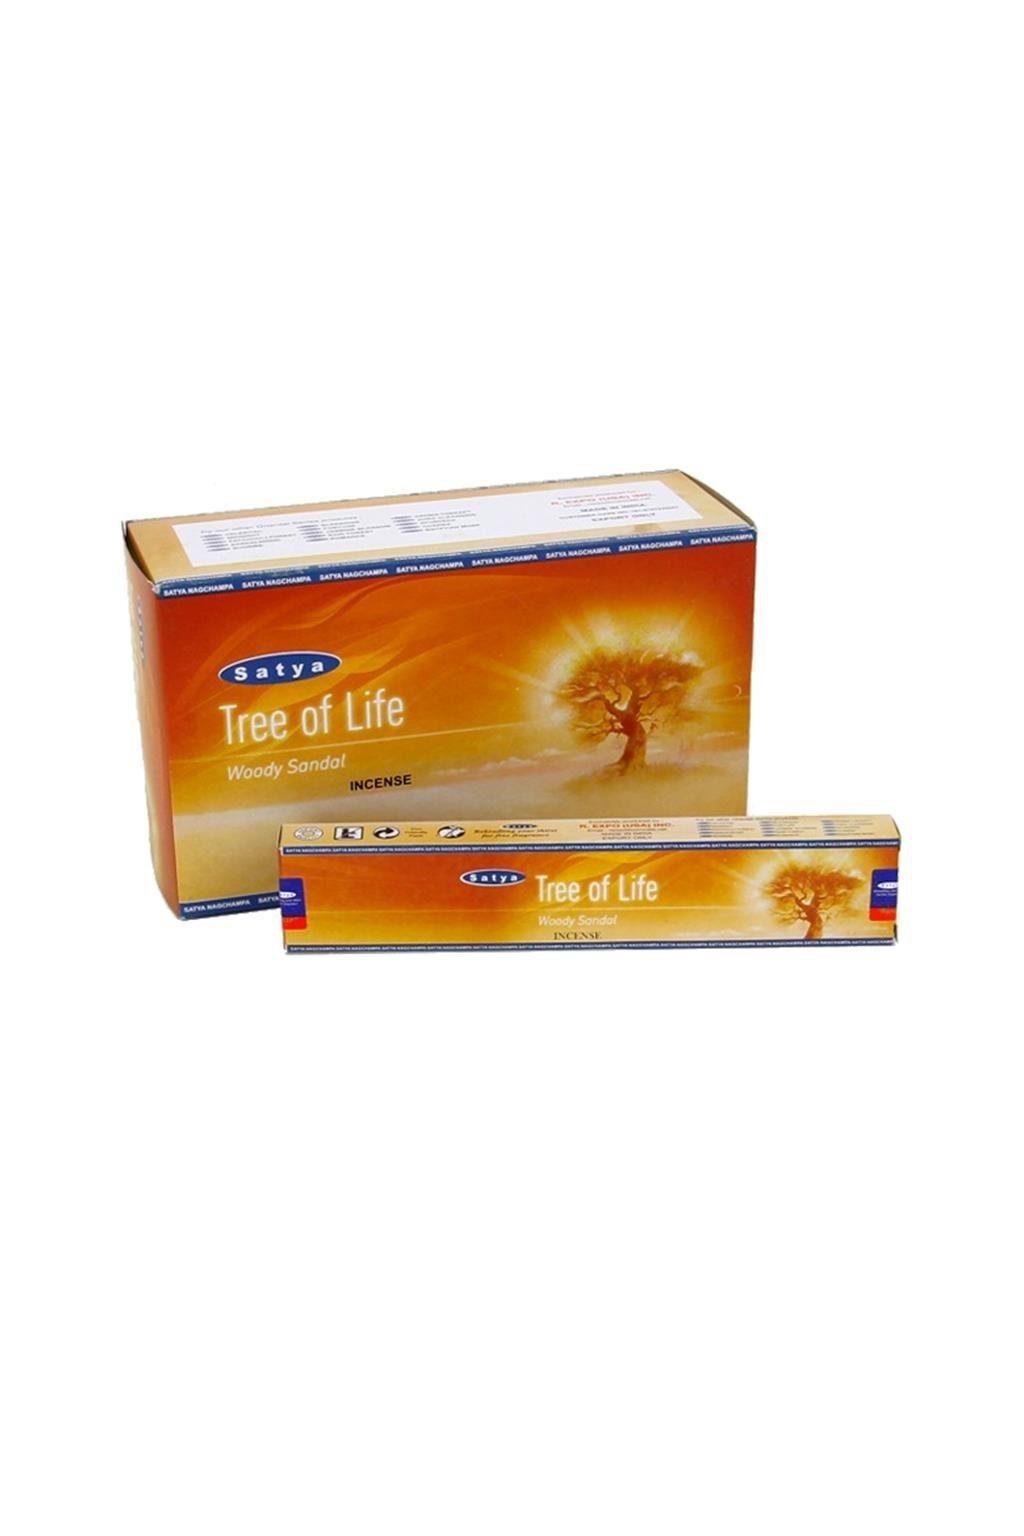 Vonné tyčinky Satya Tree of Life